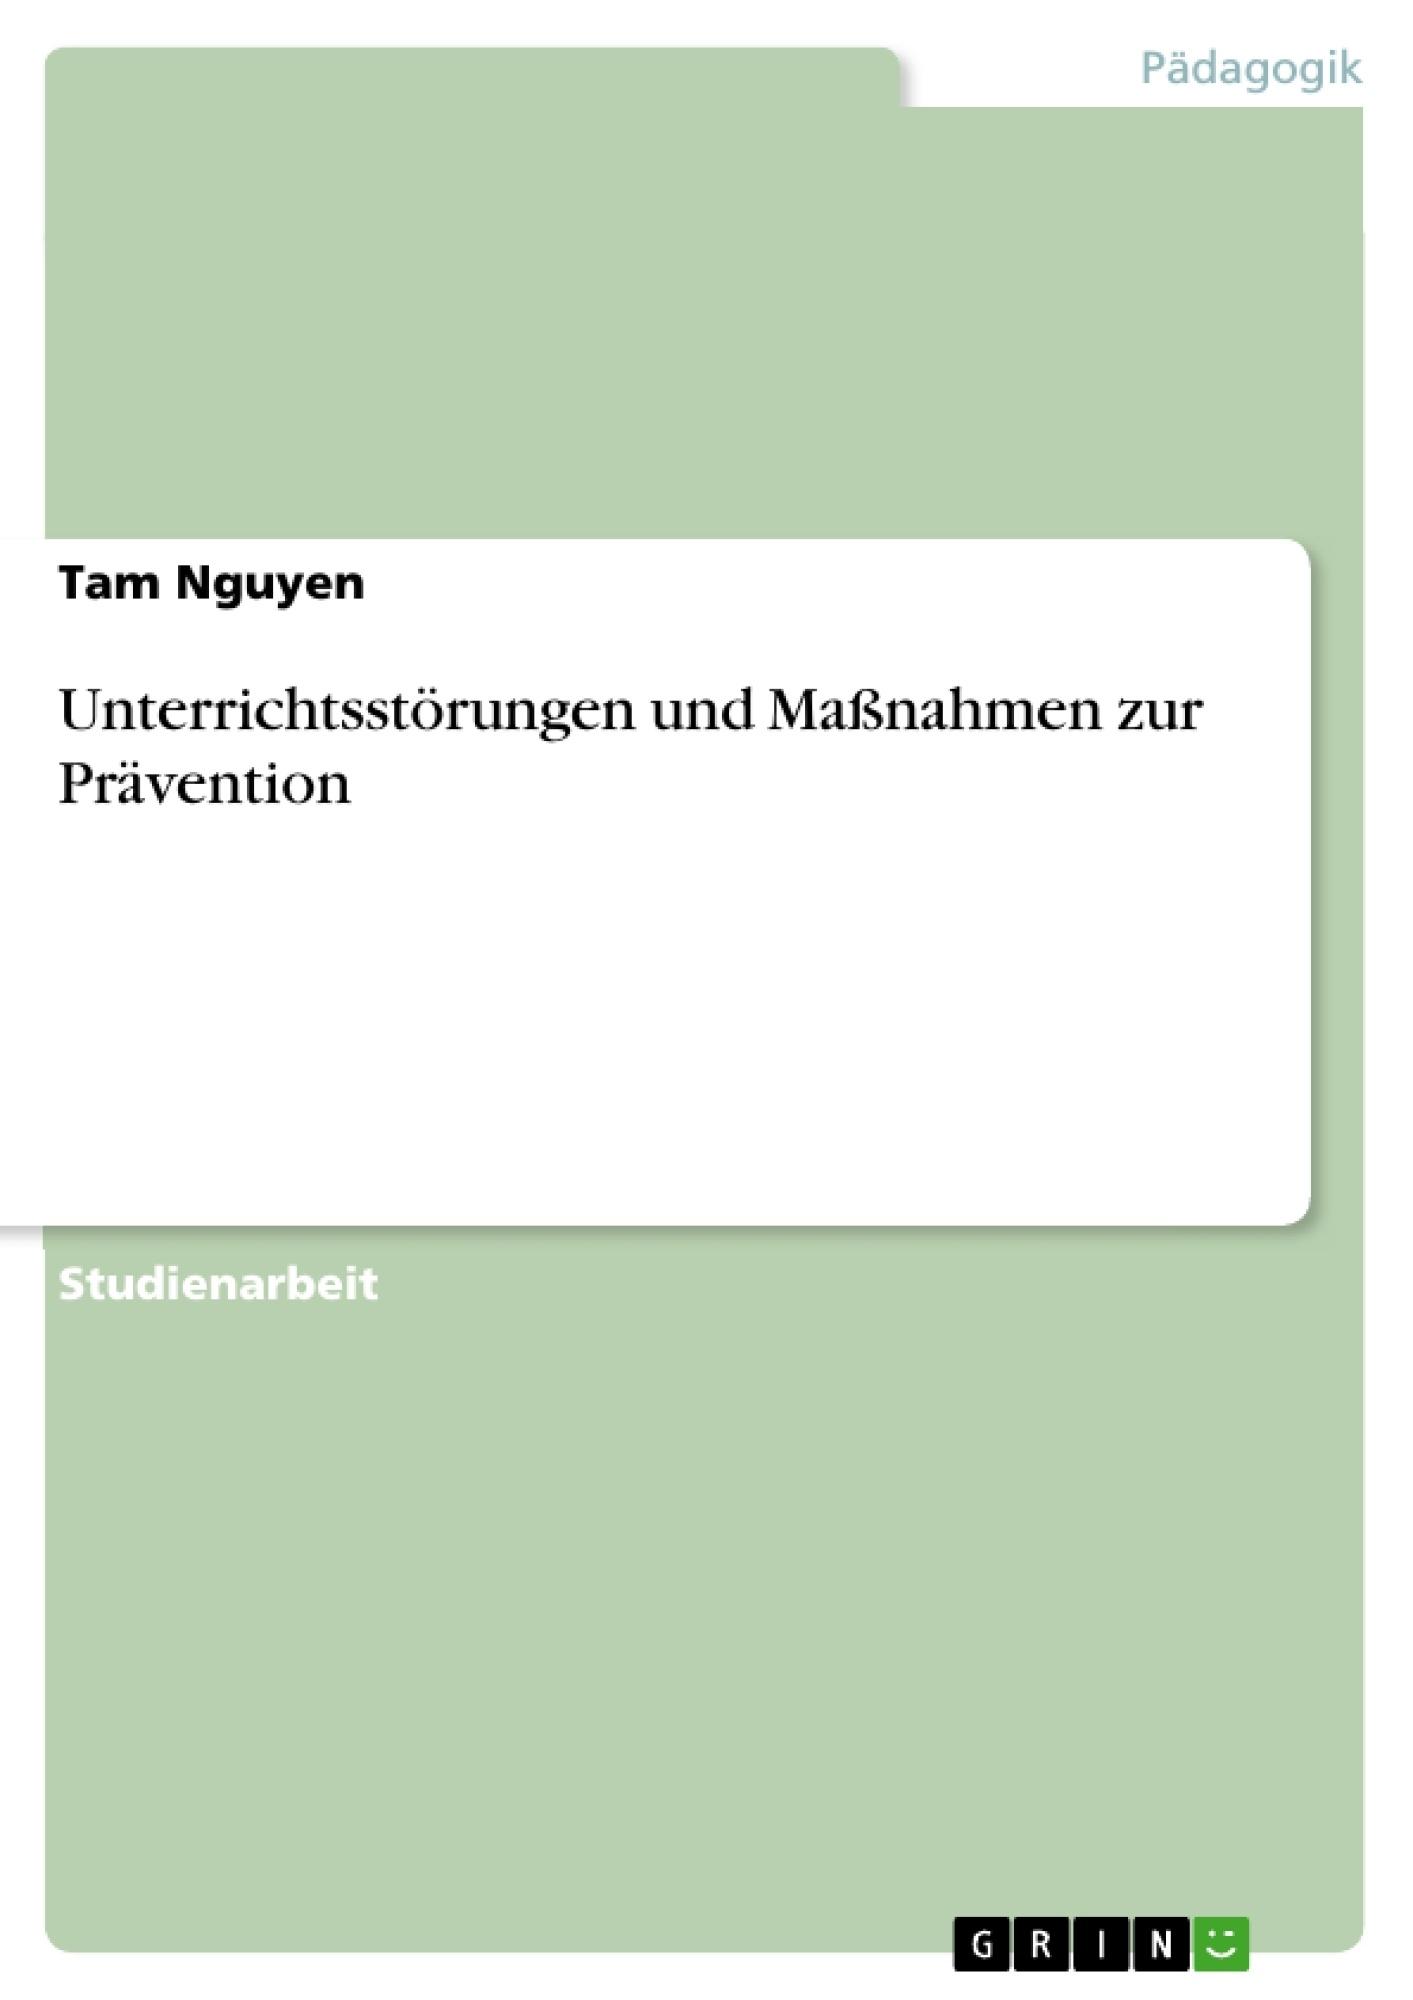 Titel: Unterrichtsstörungen und Maßnahmen zur Prävention